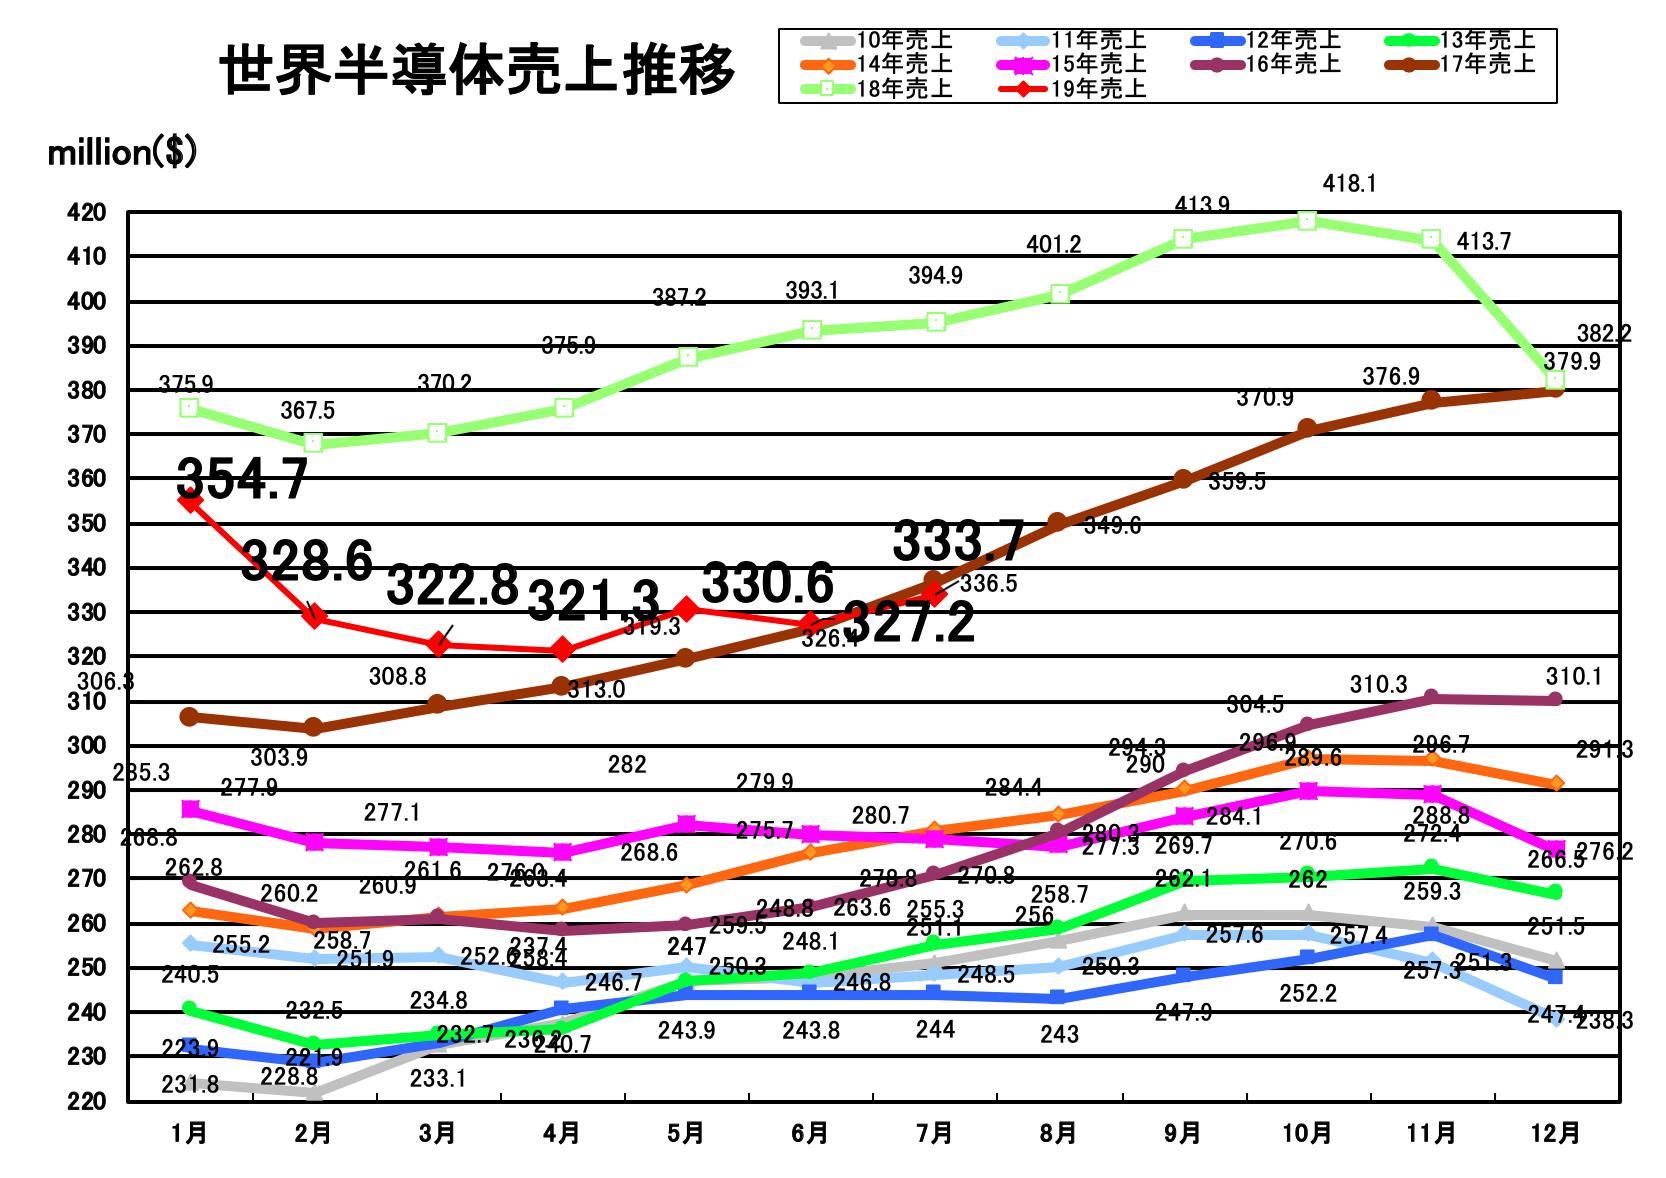 https://www.eda-express.com/%E3%82%B9%E3%82%AF%E3%83%AA%E3%83%BC%E3%83%B3%E3%82%B7%E3%83%A7%E3%83%83%E3%83%88%202019-09-05%205.56.32.png